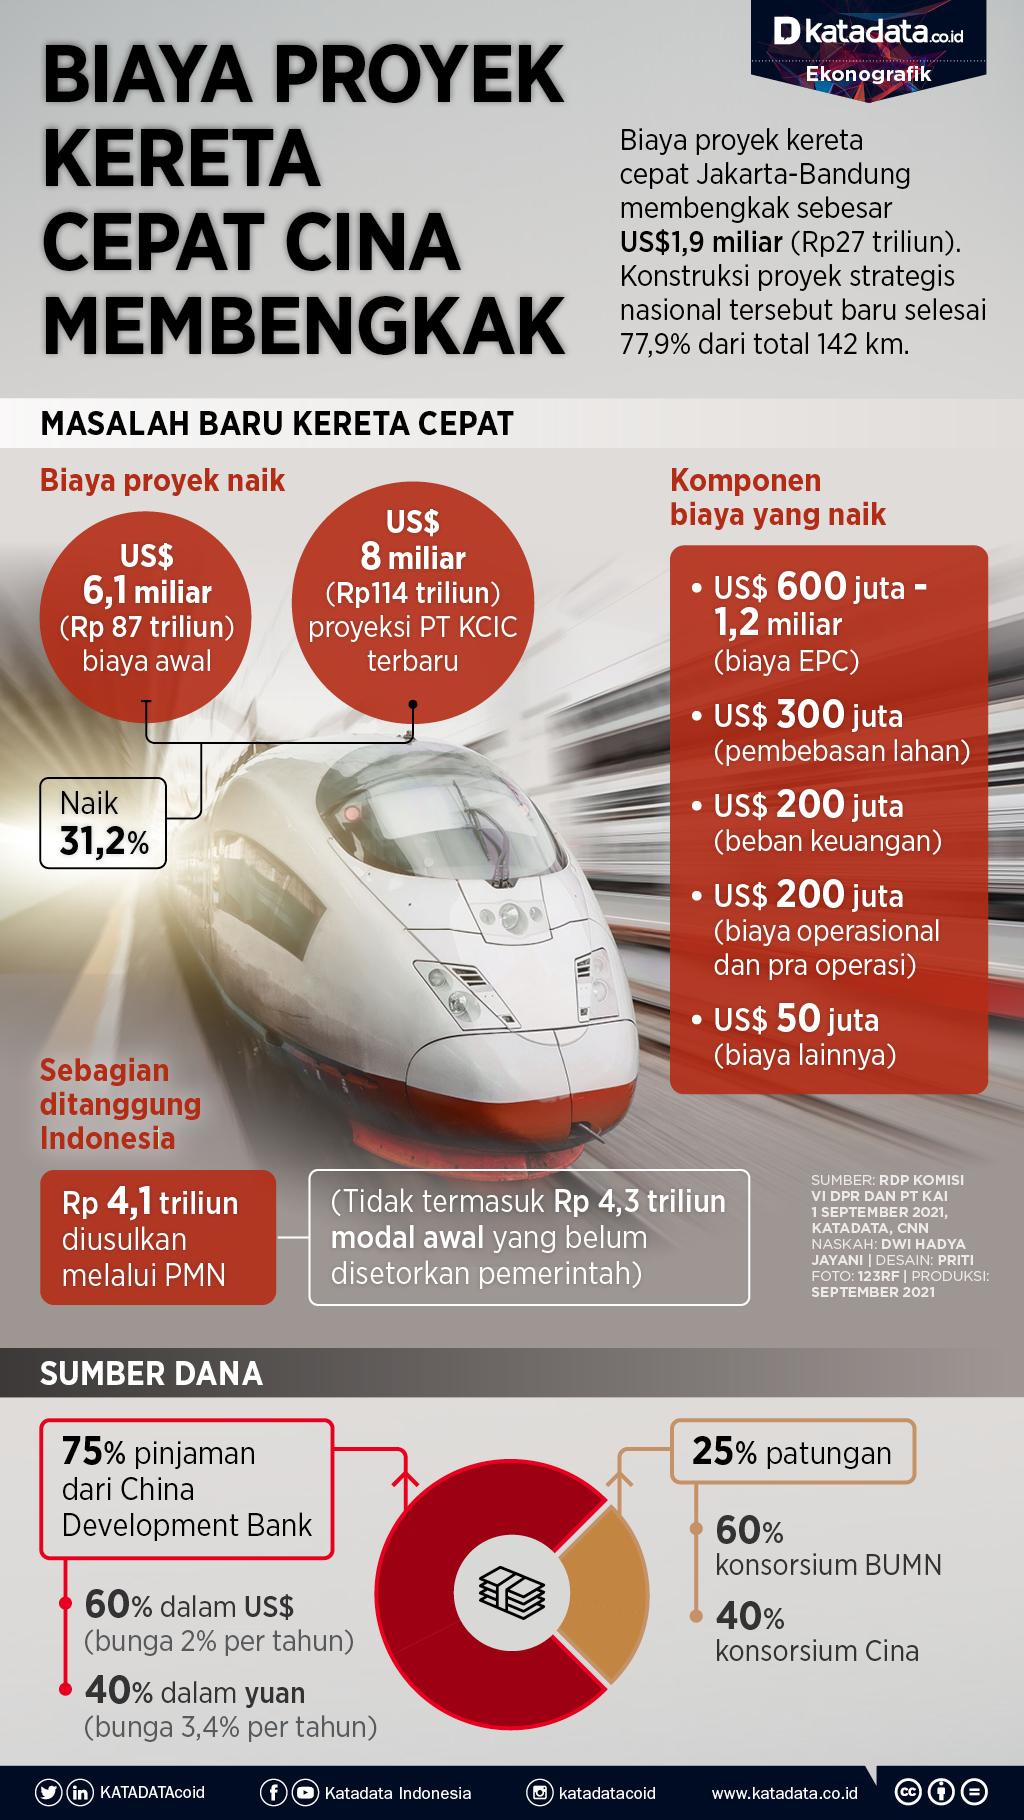 Infografik_Biaya proyek kereta cepat cina membengkak